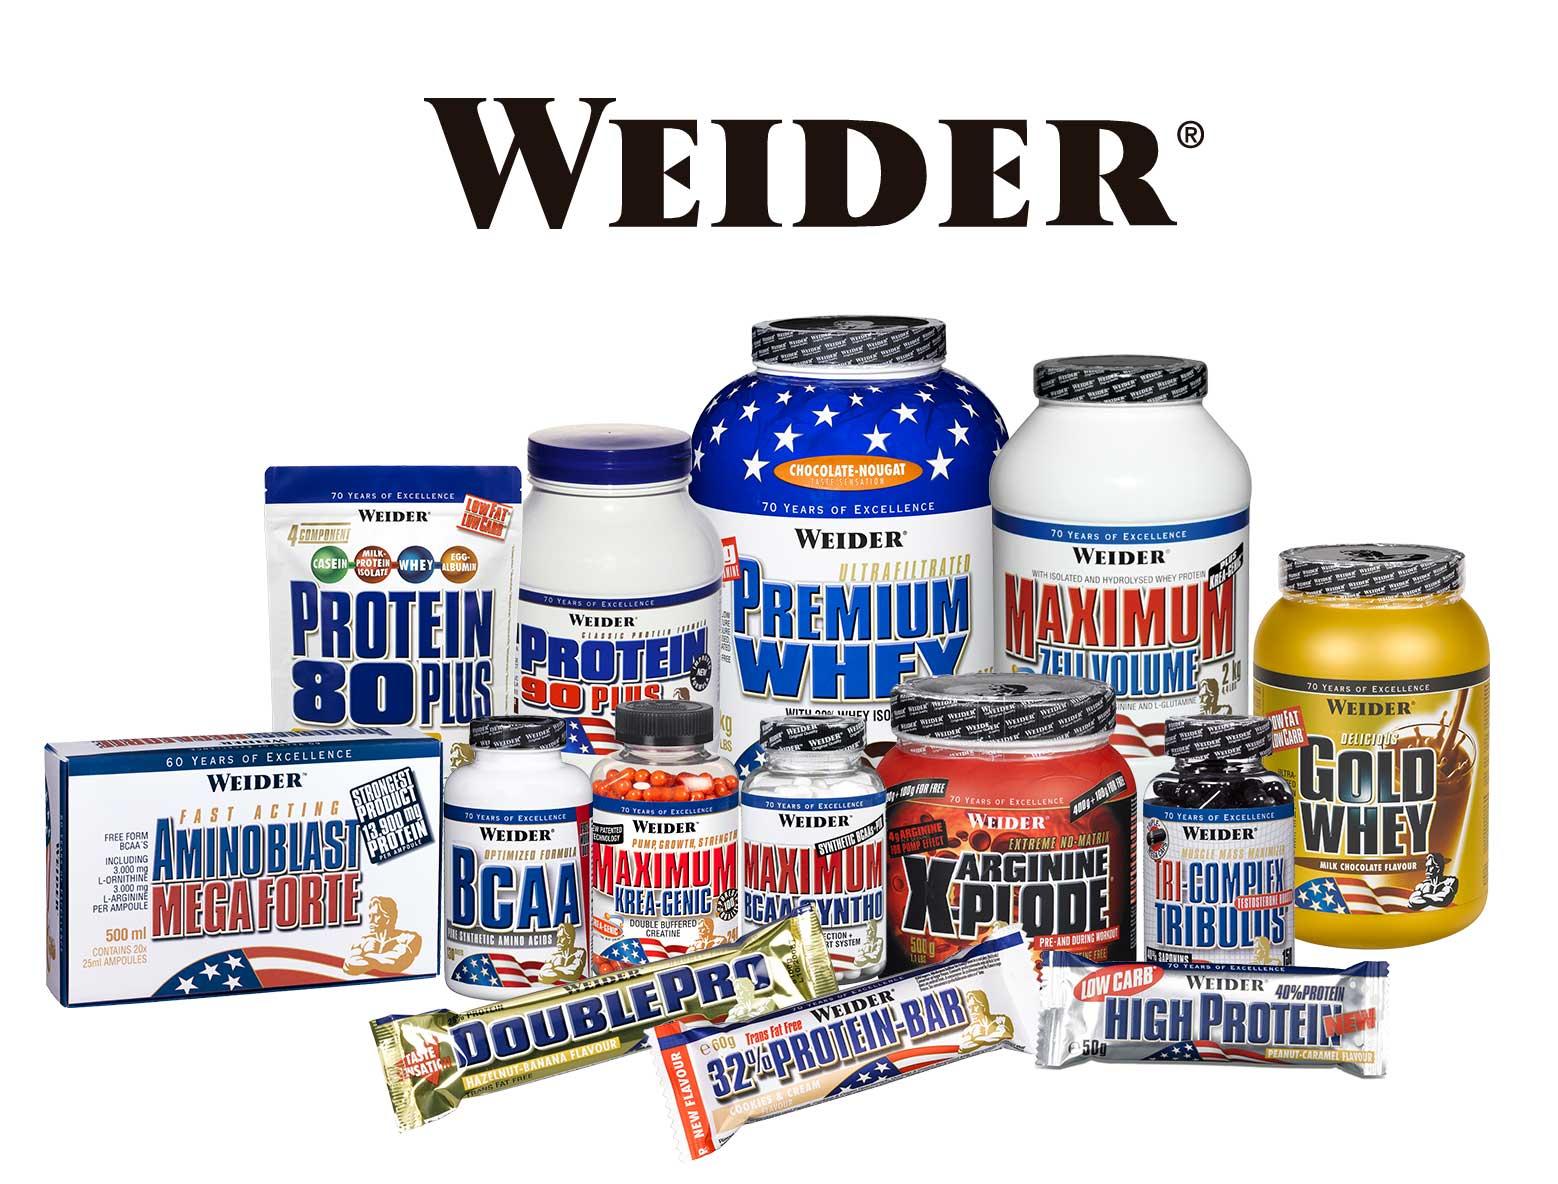 Weider_new